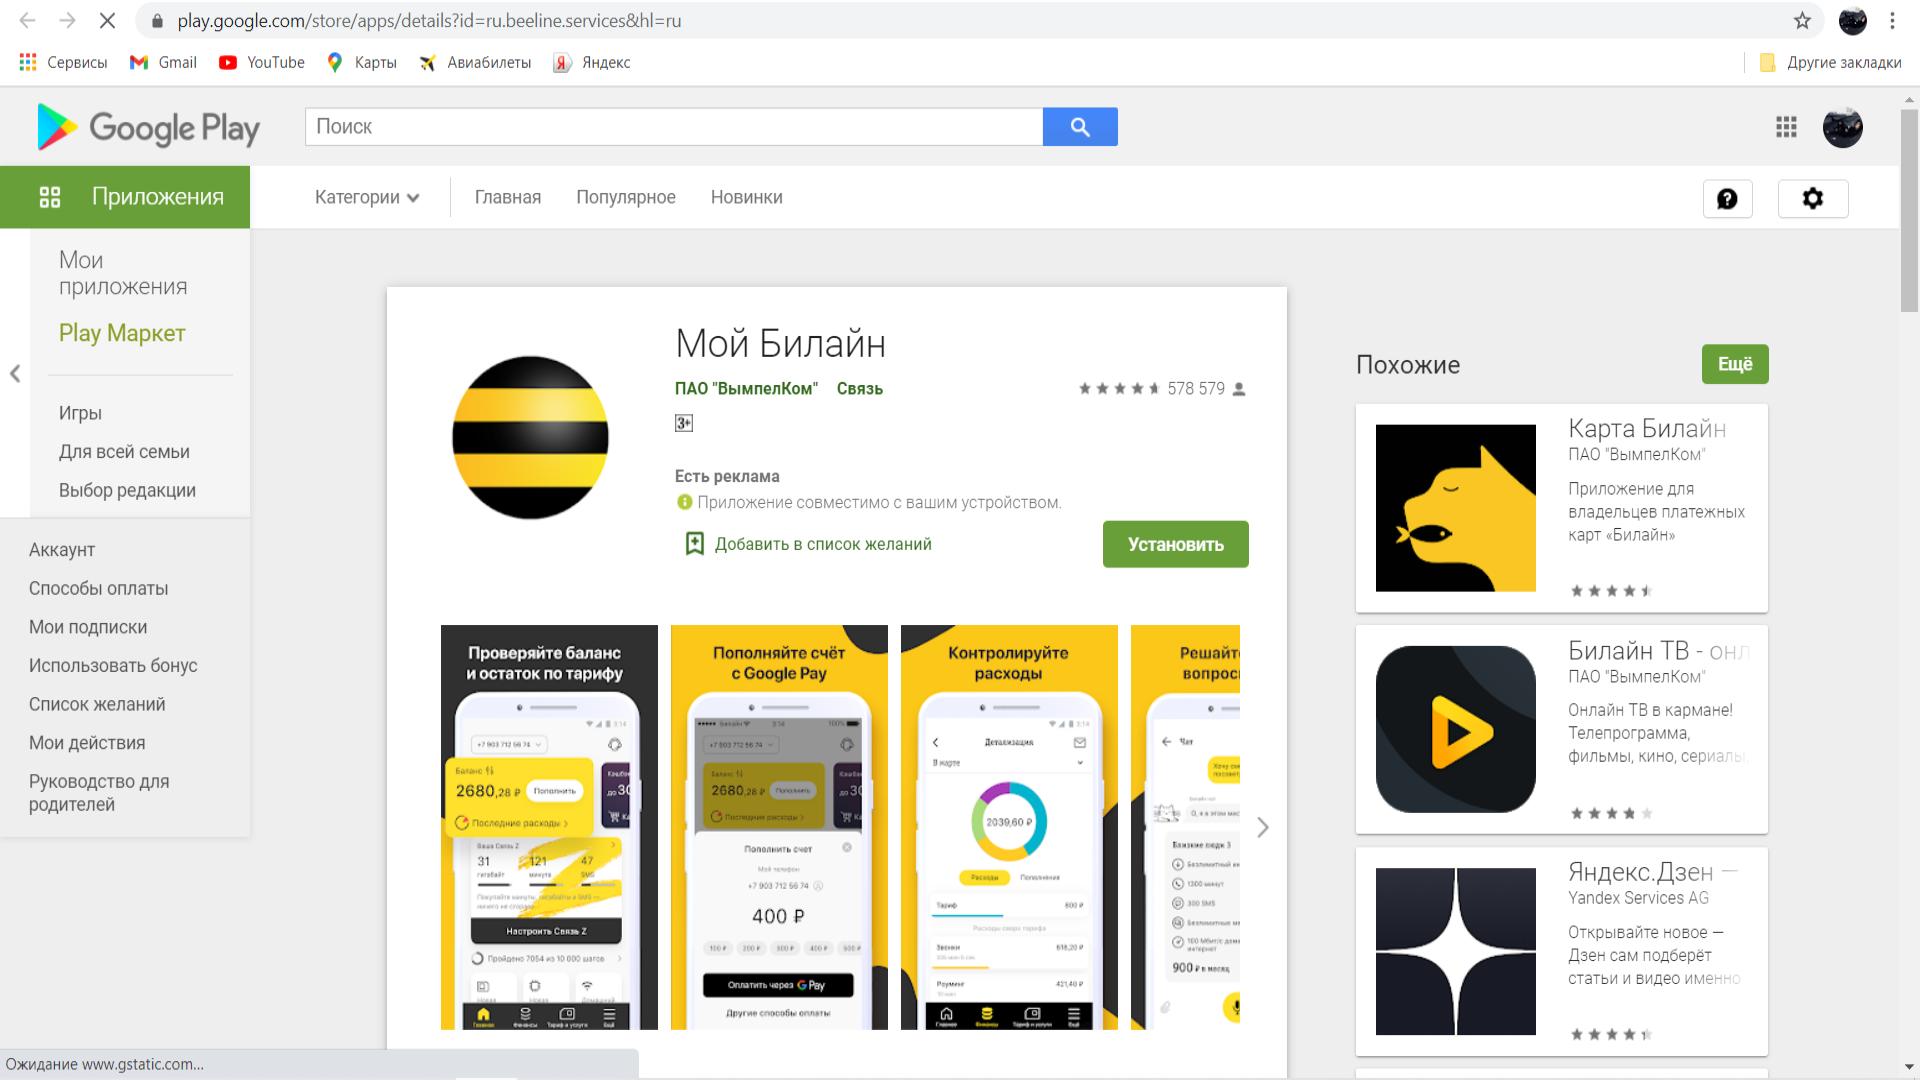 мобильное приложение билайн для андроид